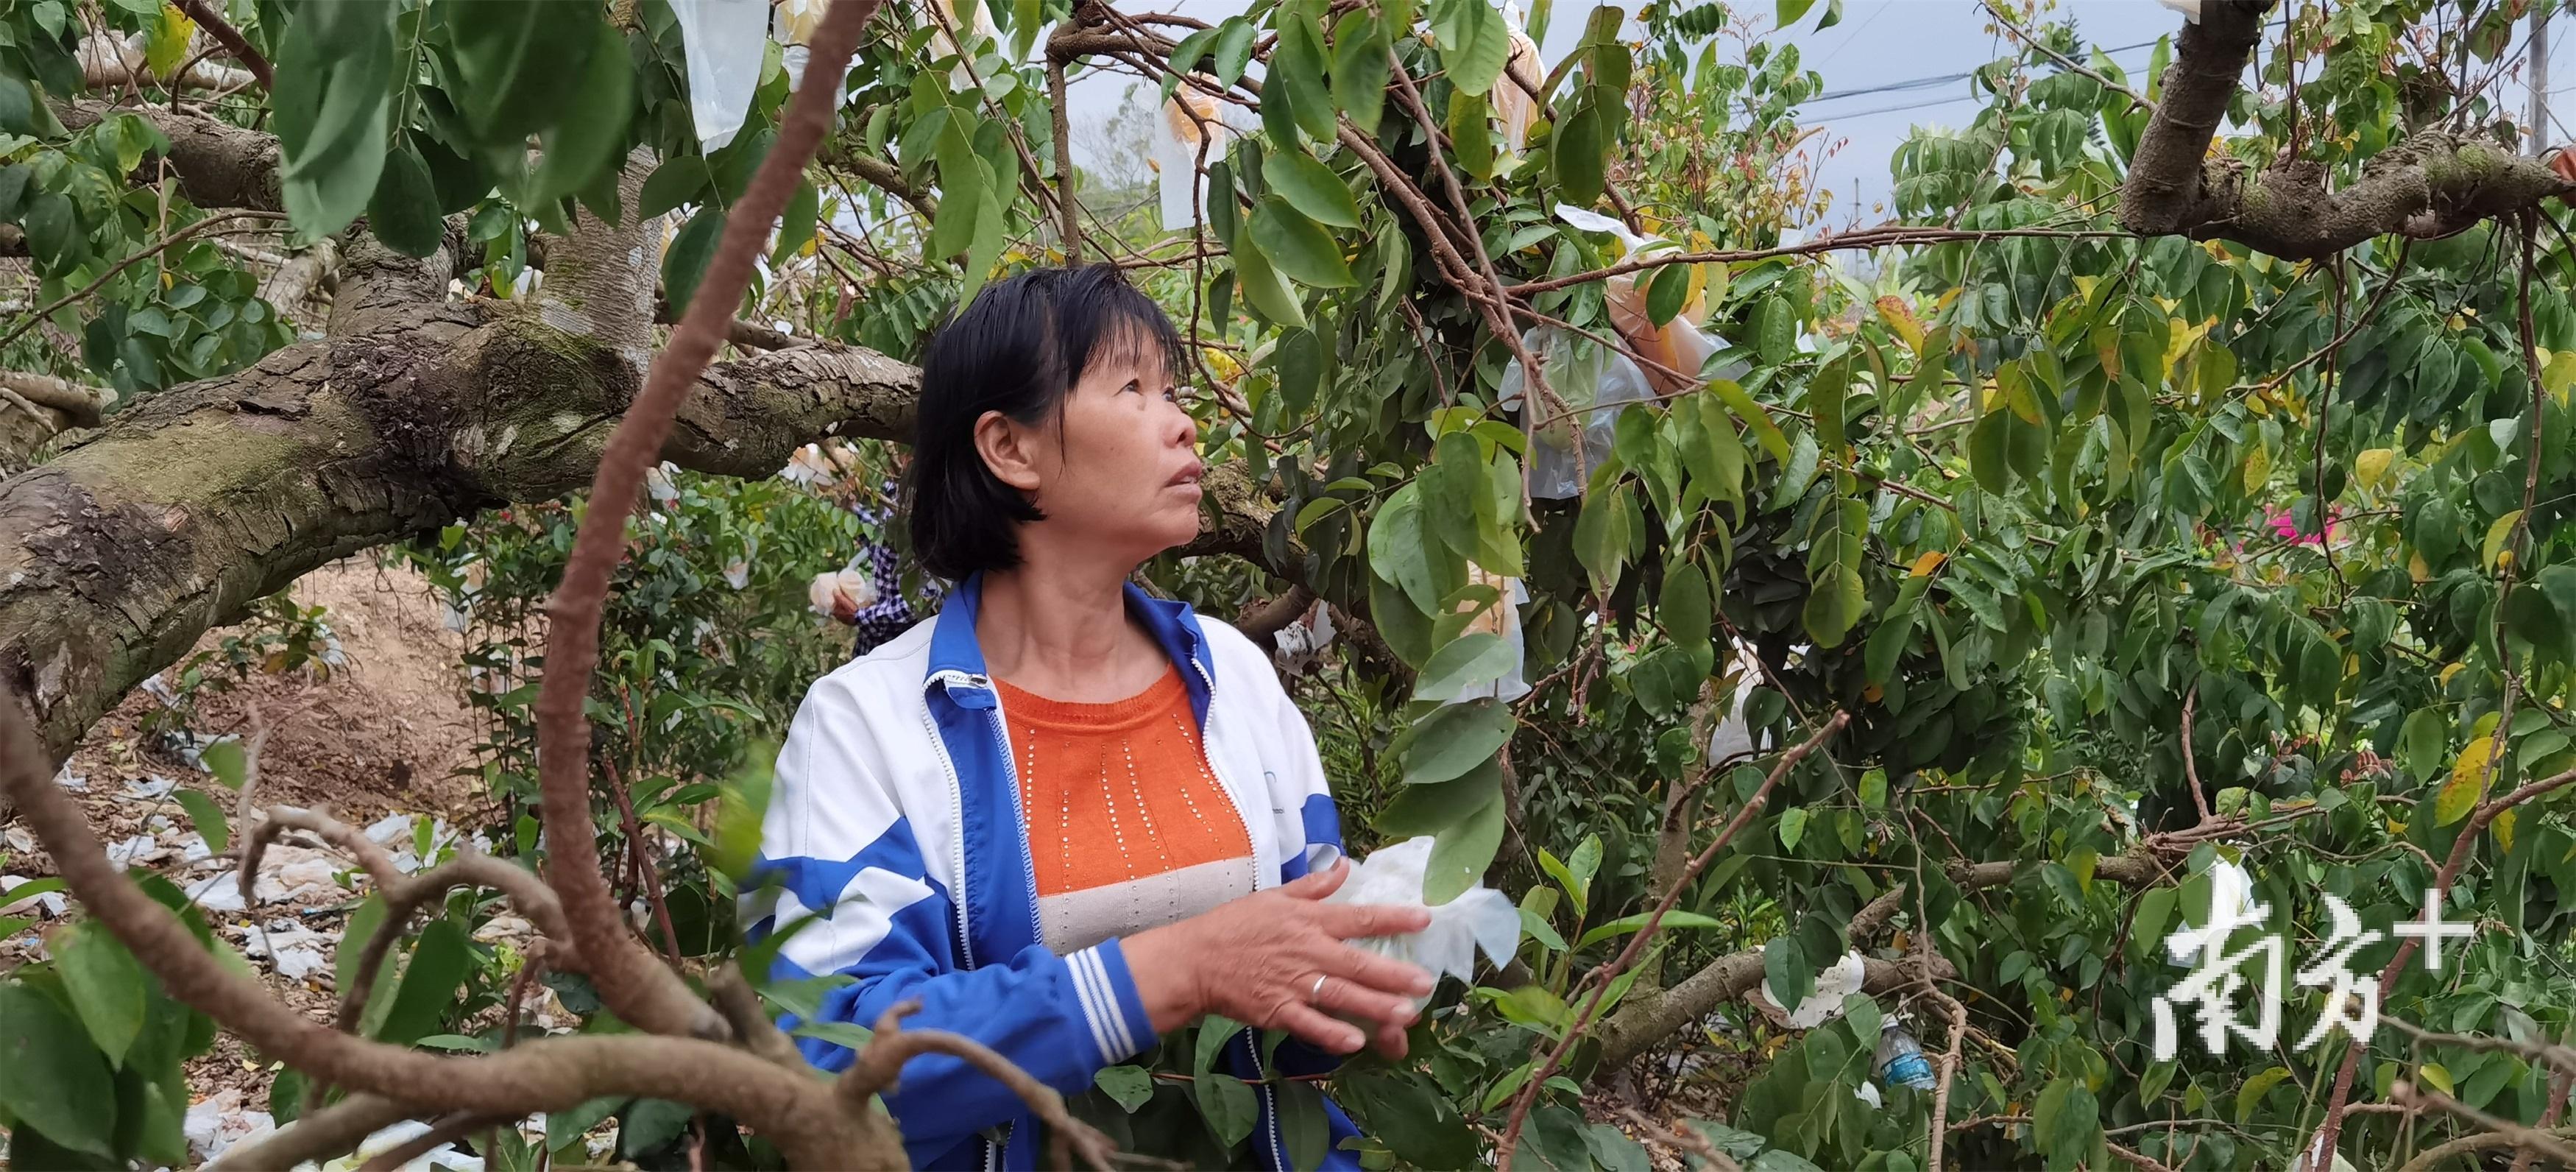 莲塘口村的黄梅娟正在自家果园摘阳桃。